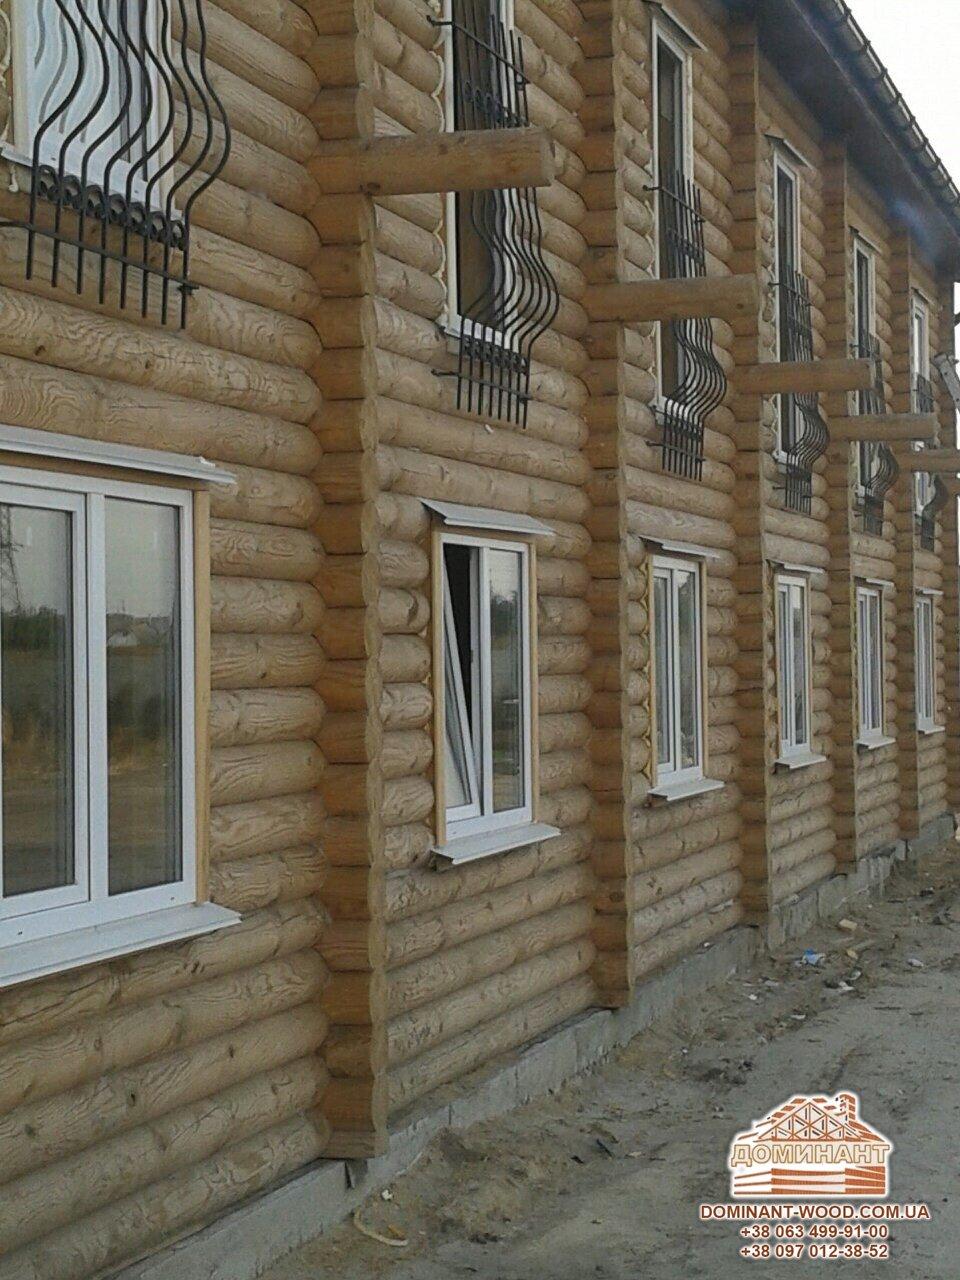 Готель і синагога для єврейських біженців з Донбасу